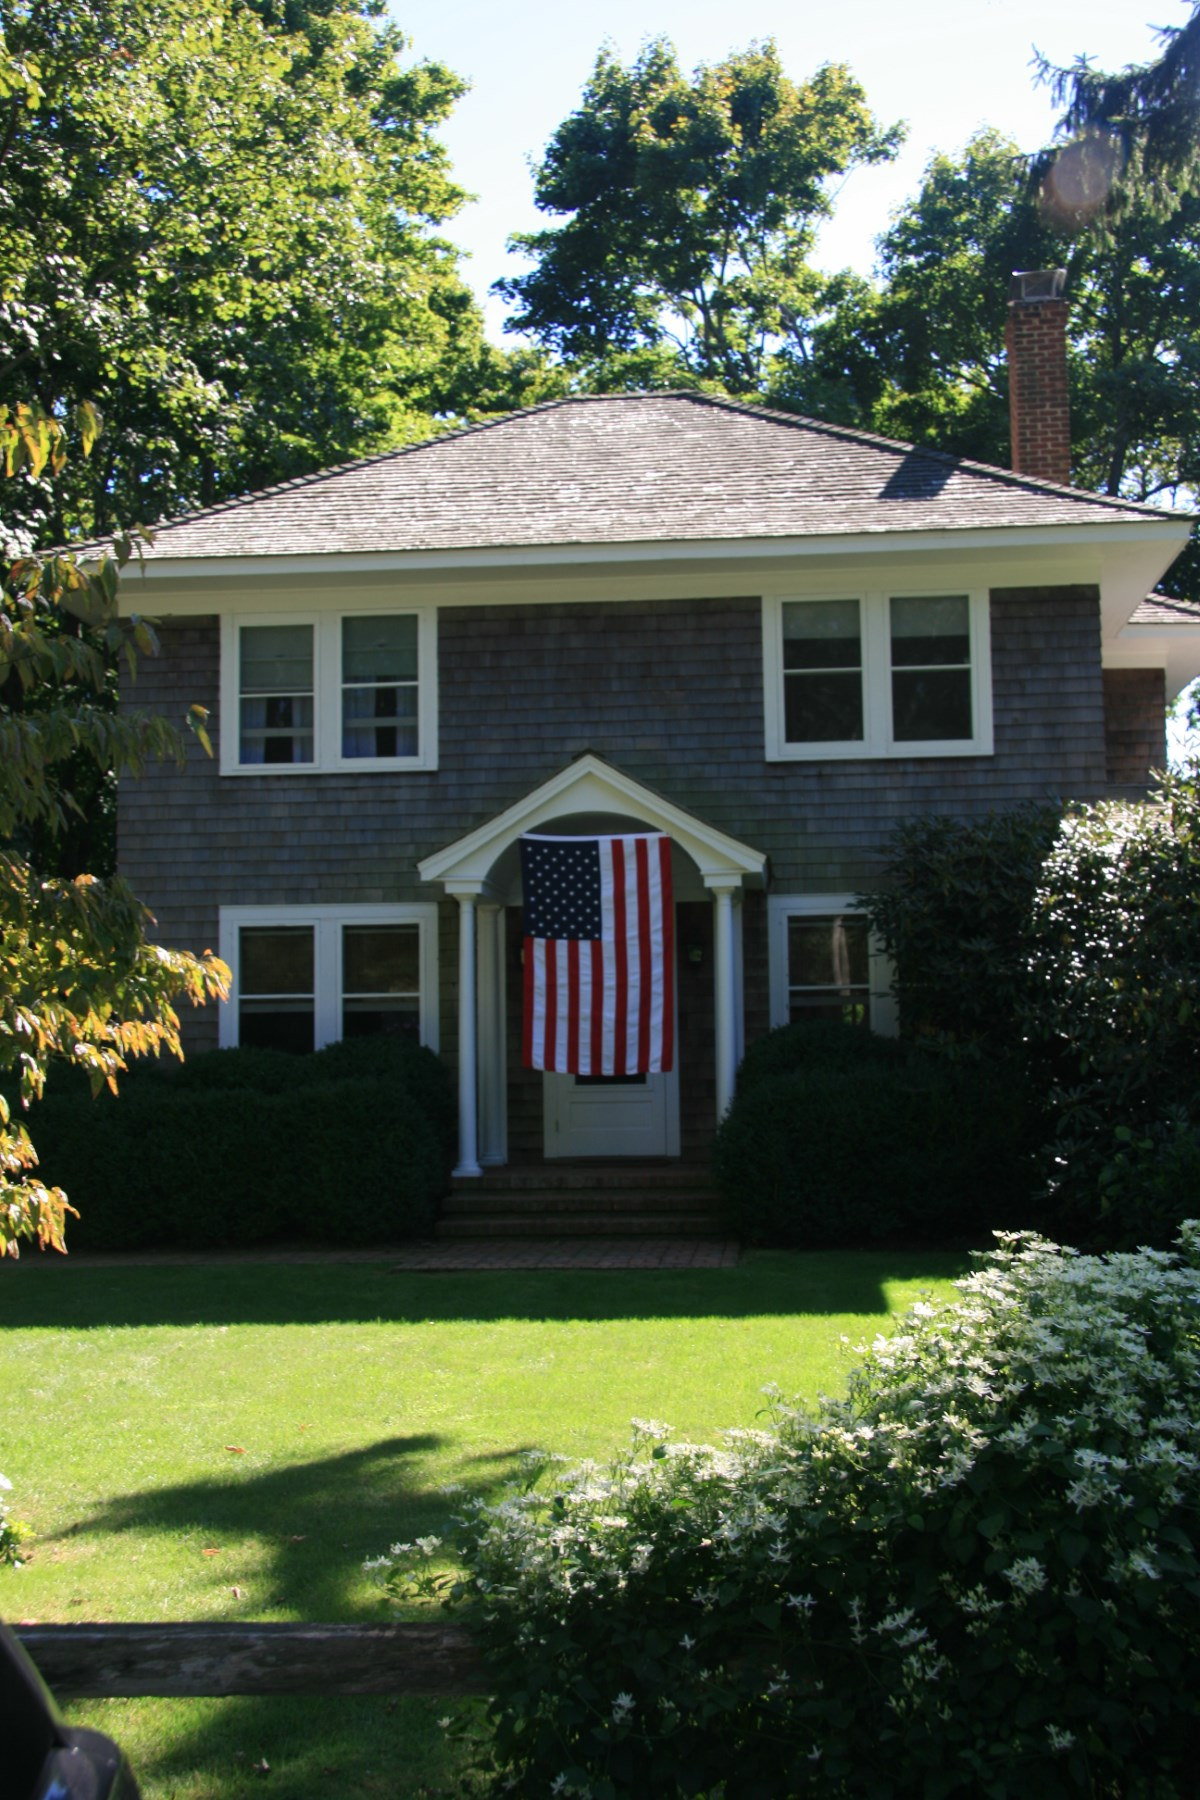 Частный односемейный дом для того Аренда на Charming Bridgehampton Village Bridgehampton, Нью-Йорк, 11932 Соединенные Штаты